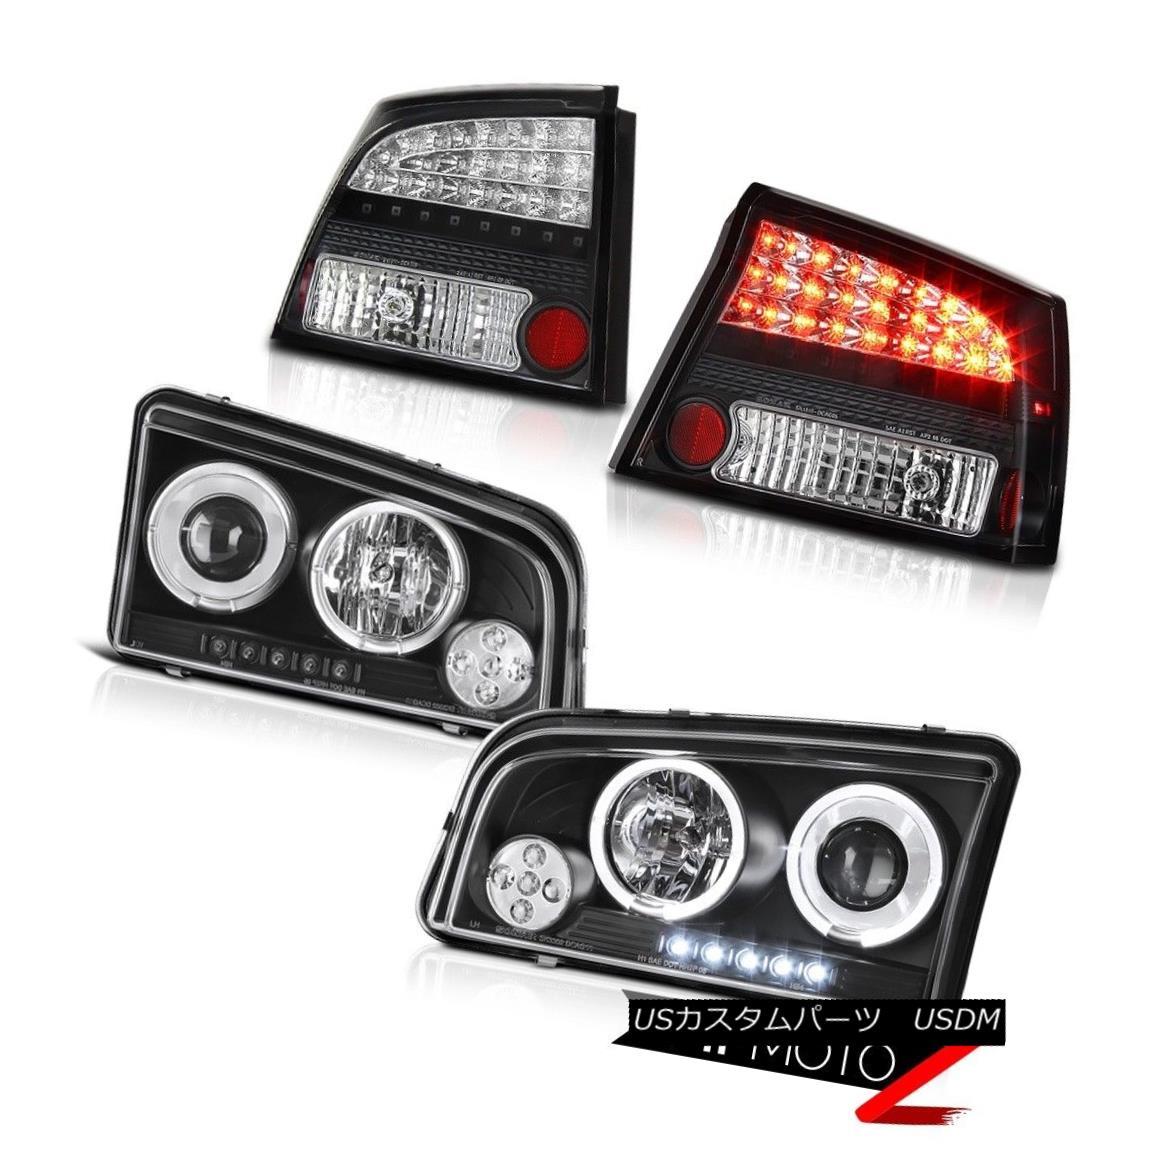 ヘッドライト 2006-2008 Charger SXT Halo Projector Headlights Front Lamps LED Black Taillights 2006-2008充電器SXT HaloプロジェクターヘッドライトフロントランプLEDブラックテイルライト